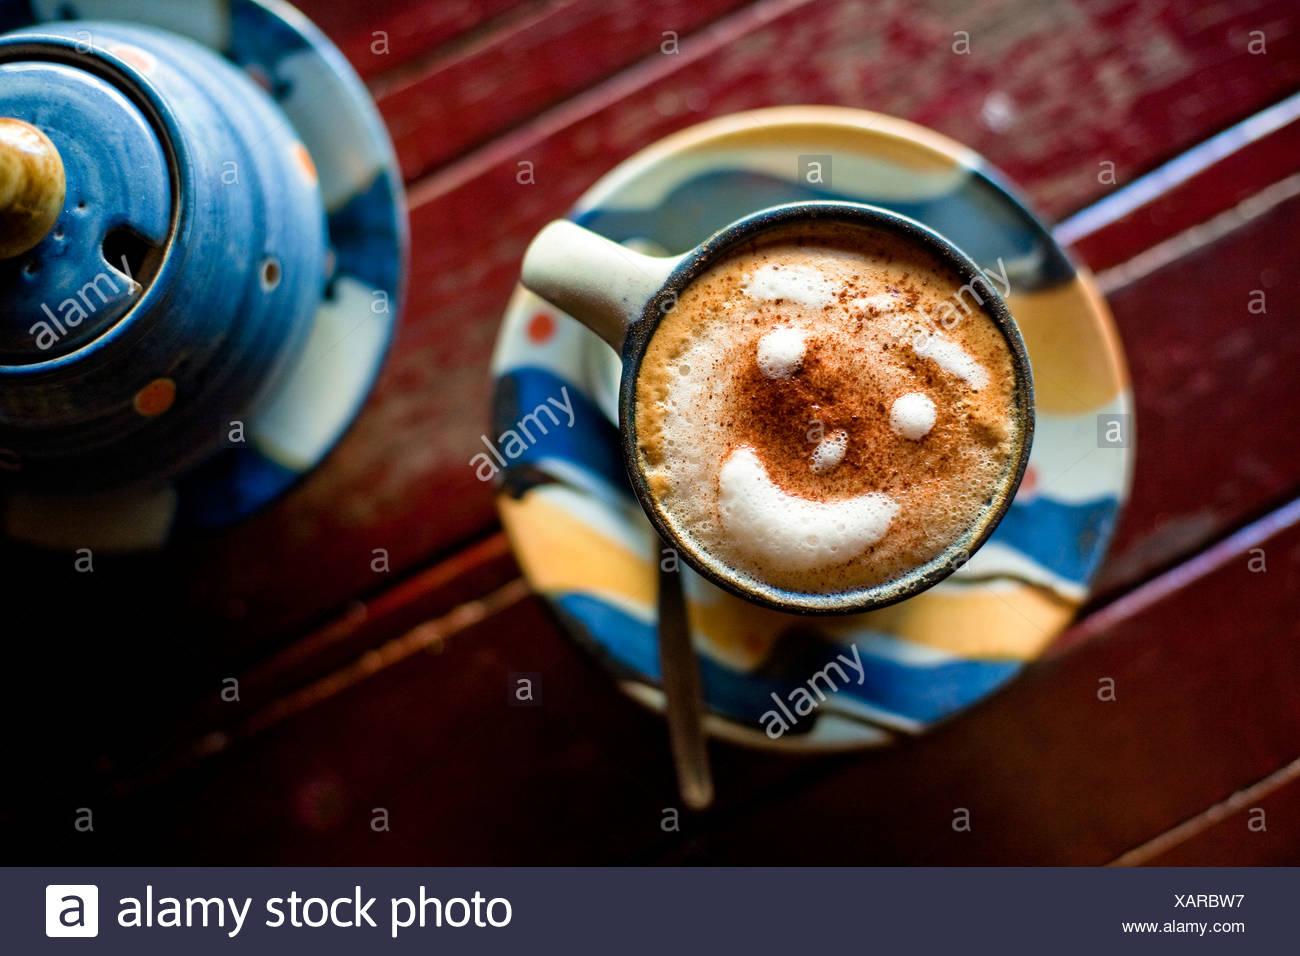 Cerrar foto de una taza de café expreso con una sonrisa y una cara hecha de espuma. Imagen De Stock